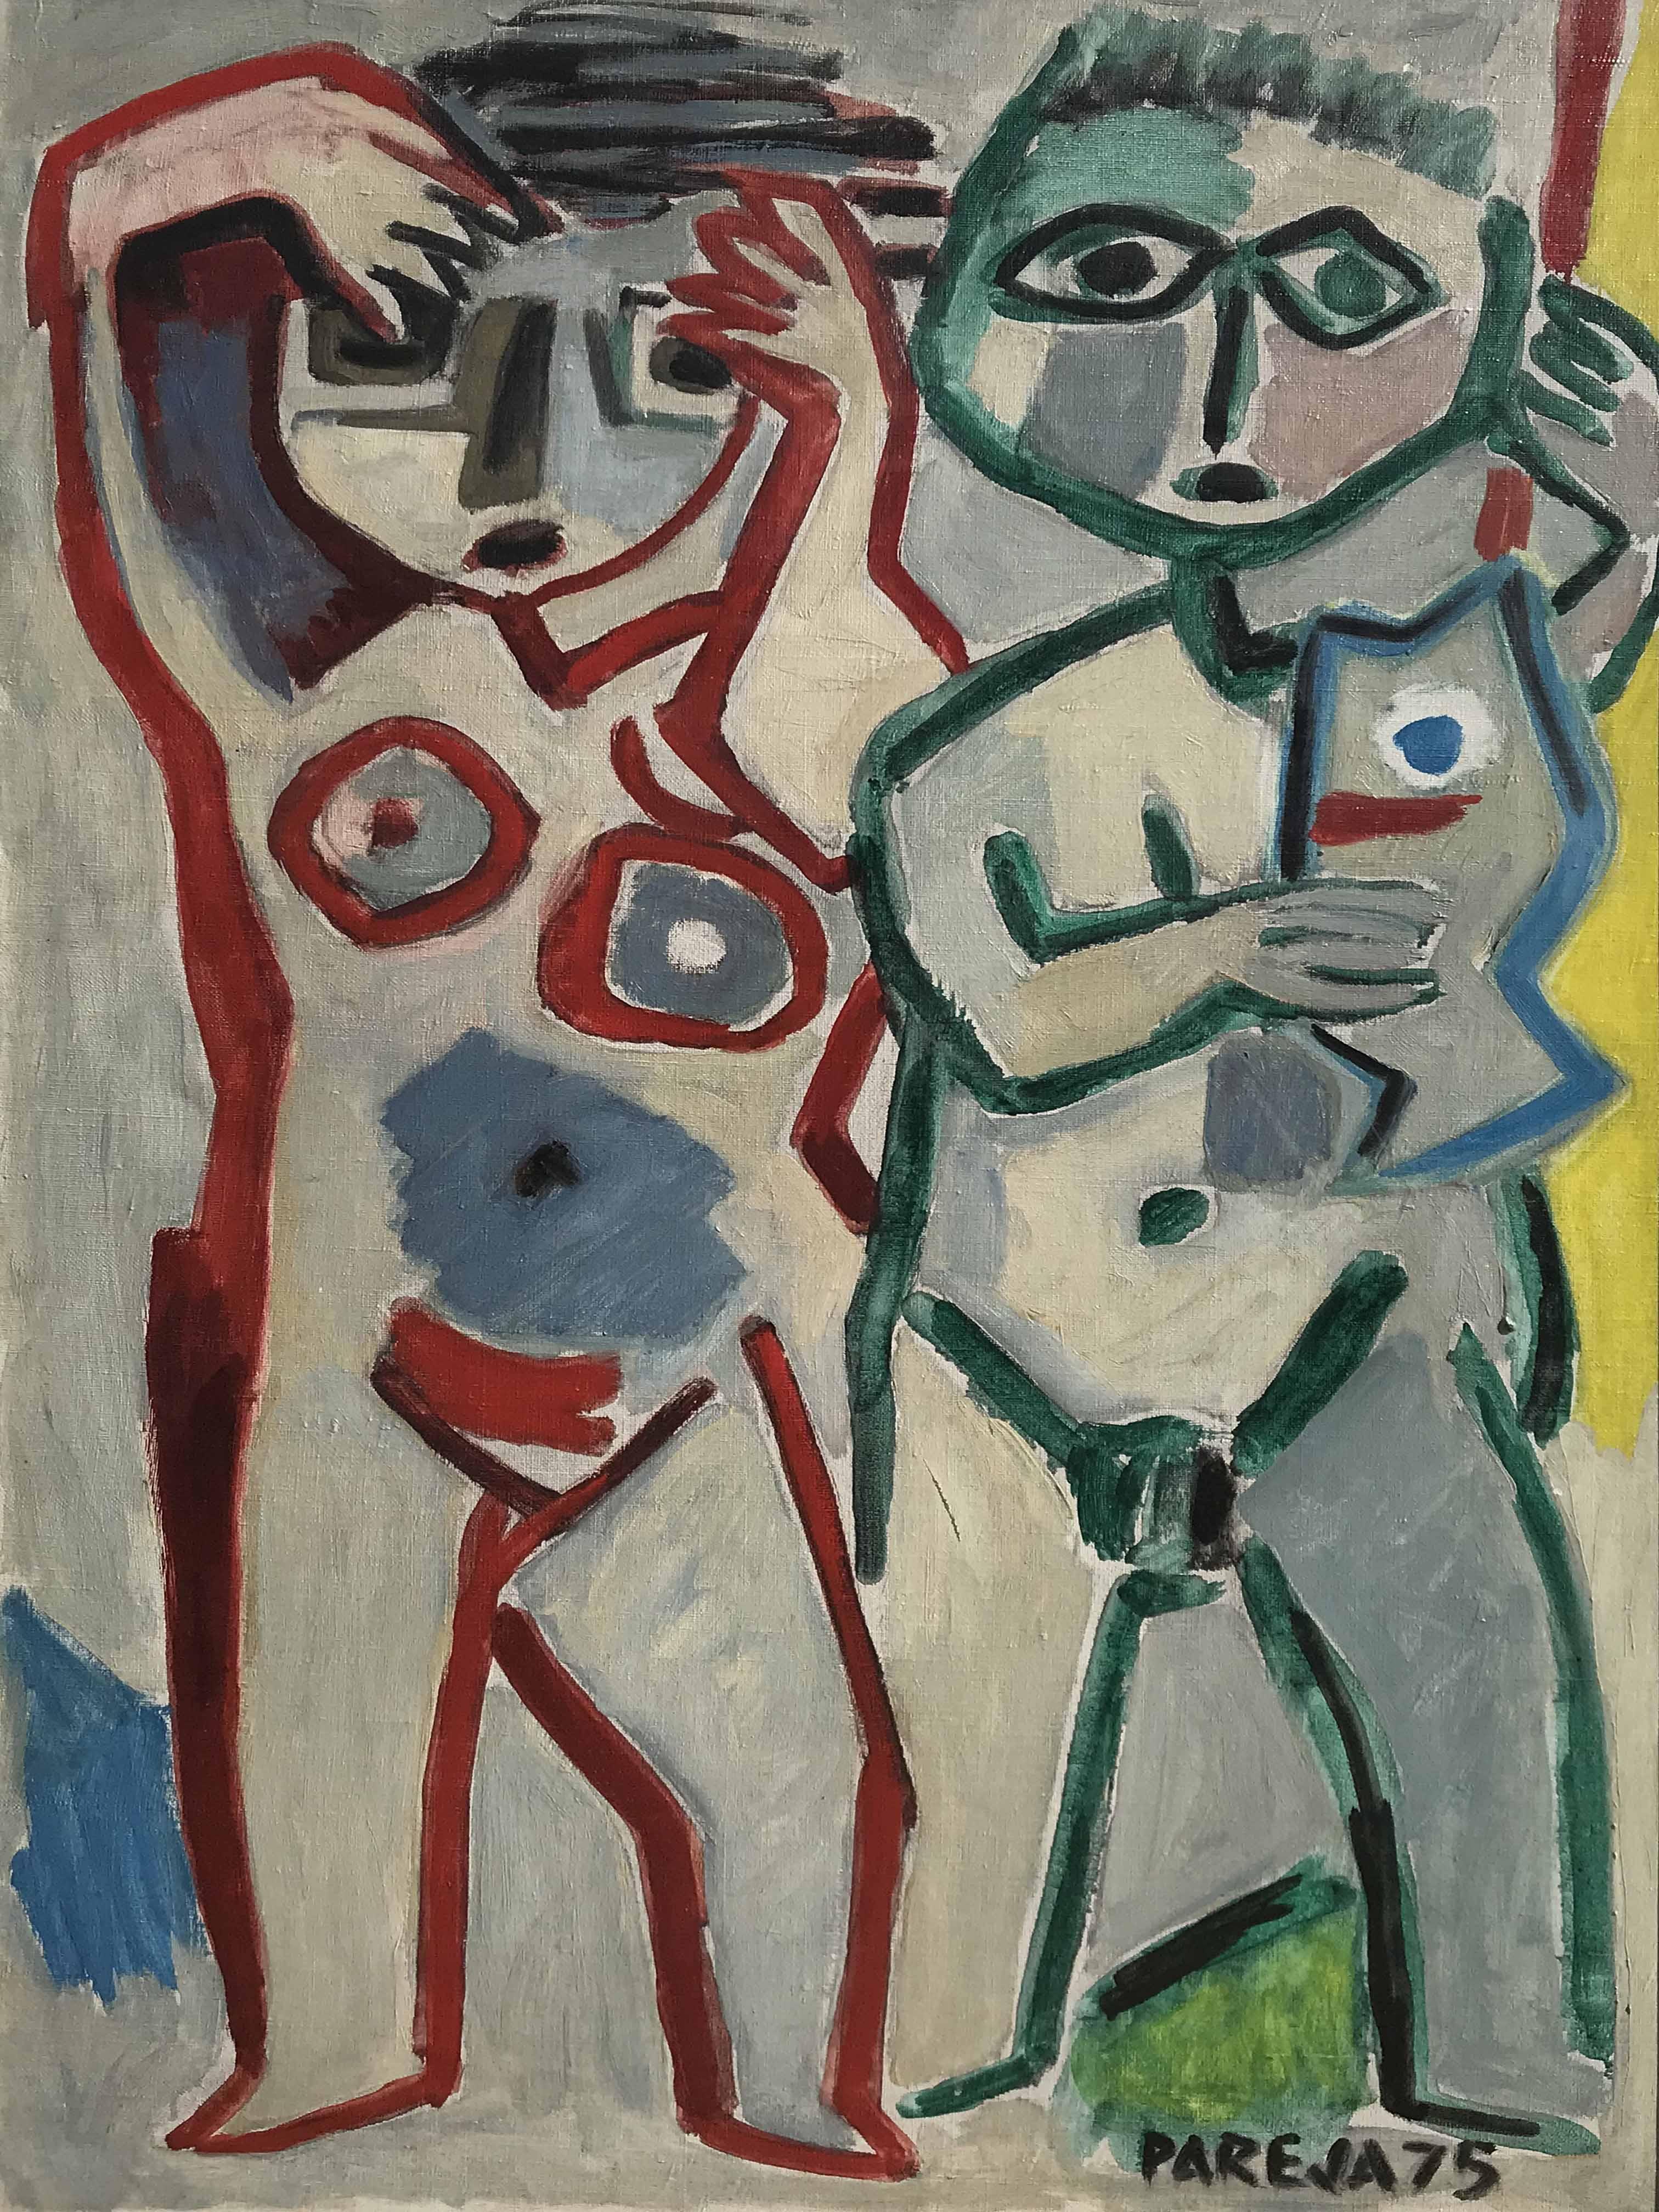 """MIGUEL ANGEL PAREJA (1908 - 1984) """"EL PEZ AZUL"""" Oleo sobre tela; 100 65 cm. Firmado y fechado ´75 abajo a la derecha. Al dorso Titulado por el Artista. POR CONSULTAS DE PRECIOS, CONTACTE LA GALERIA. FOR PRICE´S ENQUIRIES, PLEASE CONTACT THE GALLERY."""